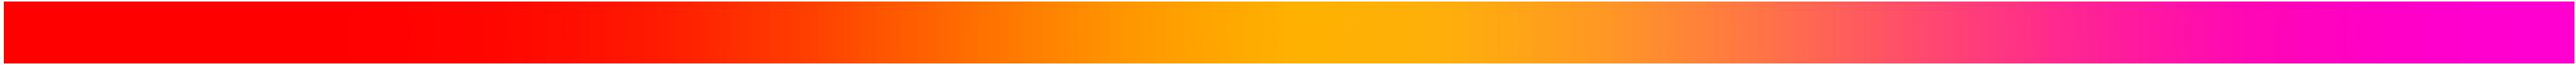 影像上海艺术博览会参展画廊 | 五月公园画廊 博文精选 PHOTOFAIRS 公园 画廊 影像 上海艺术博览会 外景 展位 艺术家 王庆松 塞巴斯提奥 萨尔加多 崇真艺客